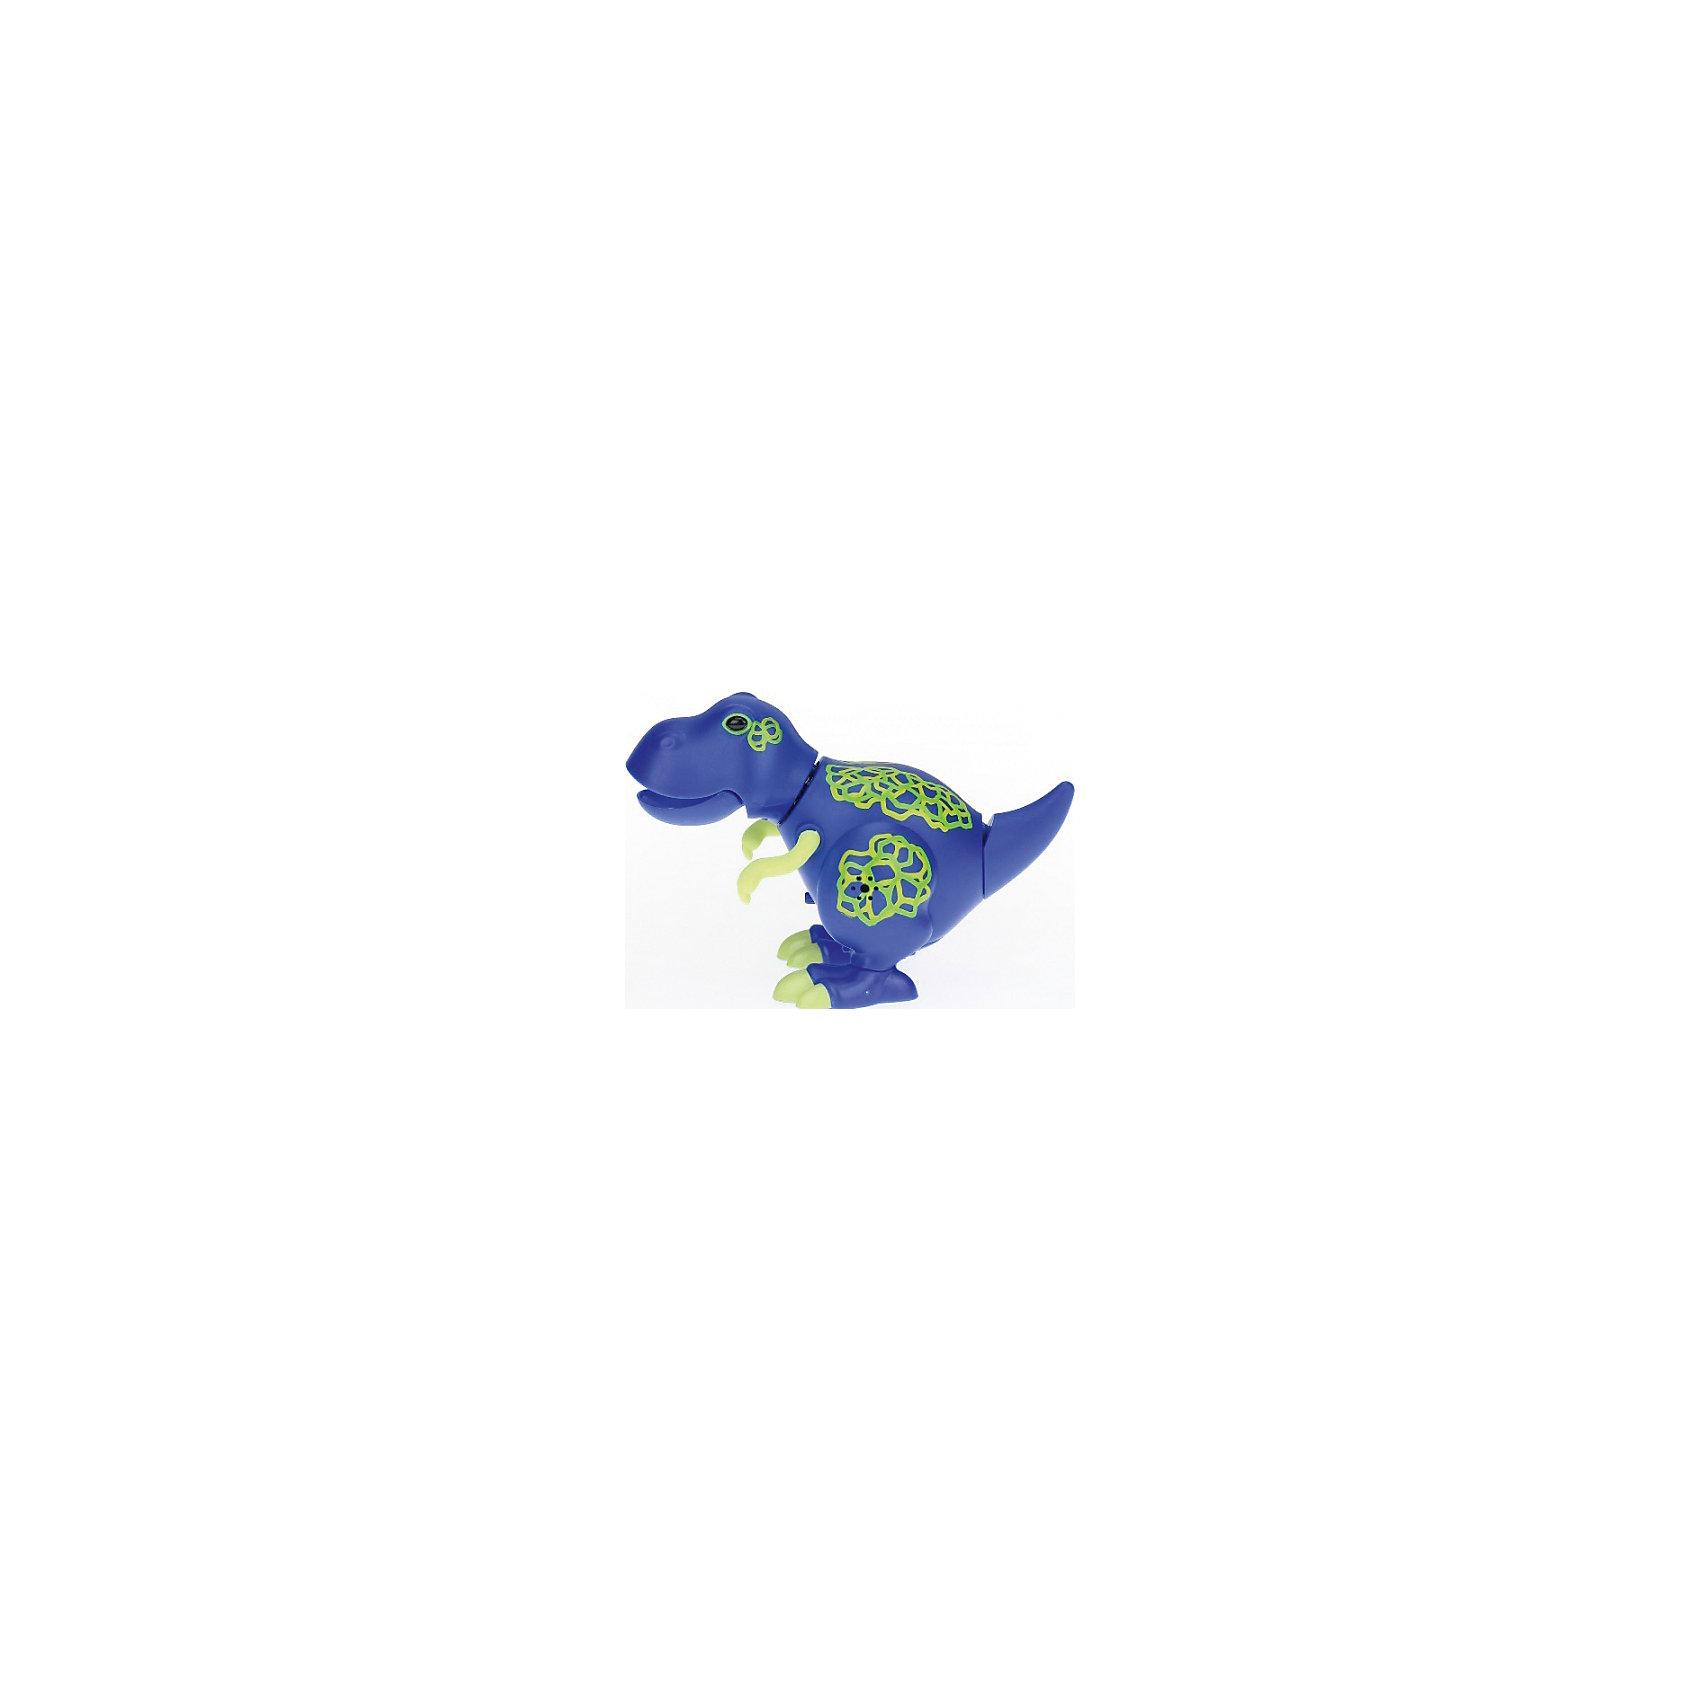 Динозавр, DigiBirds, синийДраконы и динозавры<br>Динозавр, DigiBirds, синий, Silverlit (Сильверлит) ? игрушка из серии DigiBirds. Динозаврик умеет реветь и петь 55 песенок, которые исполняются как в сольном виде, так и в хоровом. Переключение на сольный или хоровой режим осуществляется за счет специального переключателя. Во время пения динозаврик двигается в такт музыке. Игрушка активируется после хлопка в ладоши. Динозаврик умеет исполнять не только выученный репертуар, но может записывать и новые звуки.<br>Динозавр, DigiBirds, синий, Silverlit (Сильверлит) ? совершенно уникальная игрушка, которая не только развлекает вашего ребенка, но и занимается его музыкальным развитием. В первую очередь, она способствует формированию музыкального слуха и памяти. Простые действия: подуть в свисток, подуть на сову ? простые, но очень эффективные упражнения, которые направлены на развитие речевого аппарата.<br>Динозавр, DigiBirds, синий, Silverlit (Сильверлит) ? это миниатюрный музыкальный центр для вашего ребенка.<br><br>Дополнительная информация:<br><br>- Вид игр: сюжетно-ролевые игры <br>- Предназначение: для дома<br>- Дополнительные функции: синхронизация со всеми персонажами DigiFriends<br>- Батарейки: 3 шт. LR44<br>- Материал: высококачественный пластик<br>- Размер (ДхШхВ): 11,5*15*6,2 см<br>- Вес: 128 г<br>- Комплектация: динозавр, инструкция, батарейки<br>- Особенности ухода: протирать влажной губкой<br><br><br>ВНИМАНИЕ! Данный артикул имеется в наличии в разных цветовых исполнениях (черный, синий). К сожалению, заранее выбрать определенный цвет невозможно. <br><br><br>Подробнее:<br><br>• Для детей в возрасте: от 3 лет и до 7 лет <br>• Страна производитель: Китай<br>• Торговый бренд: Silverlit<br><br>Динозавра, DigiBirds, синего, Silverlit (Сильверлит) можно купить в нашем интернет-магазине.<br><br>Ширина мм: 115<br>Глубина мм: 150<br>Высота мм: 62<br>Вес г: 128<br>Возраст от месяцев: 36<br>Возраст до месяцев: 84<br>Пол: Унисекс<br>Возраст: Детский<br>SKU: 4797178